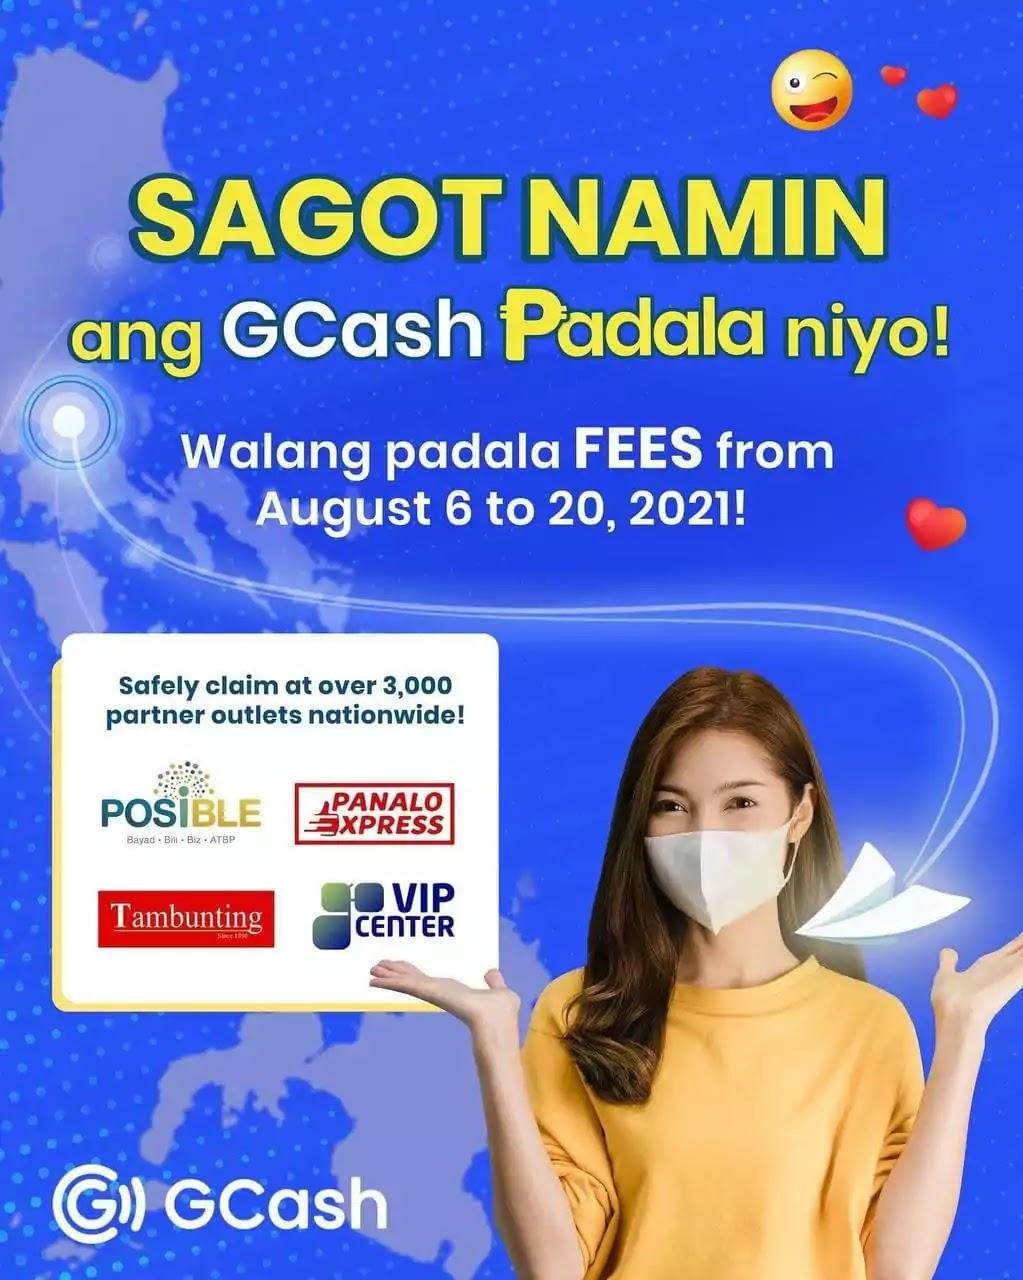 GCash is waiving their GCash Padala fees